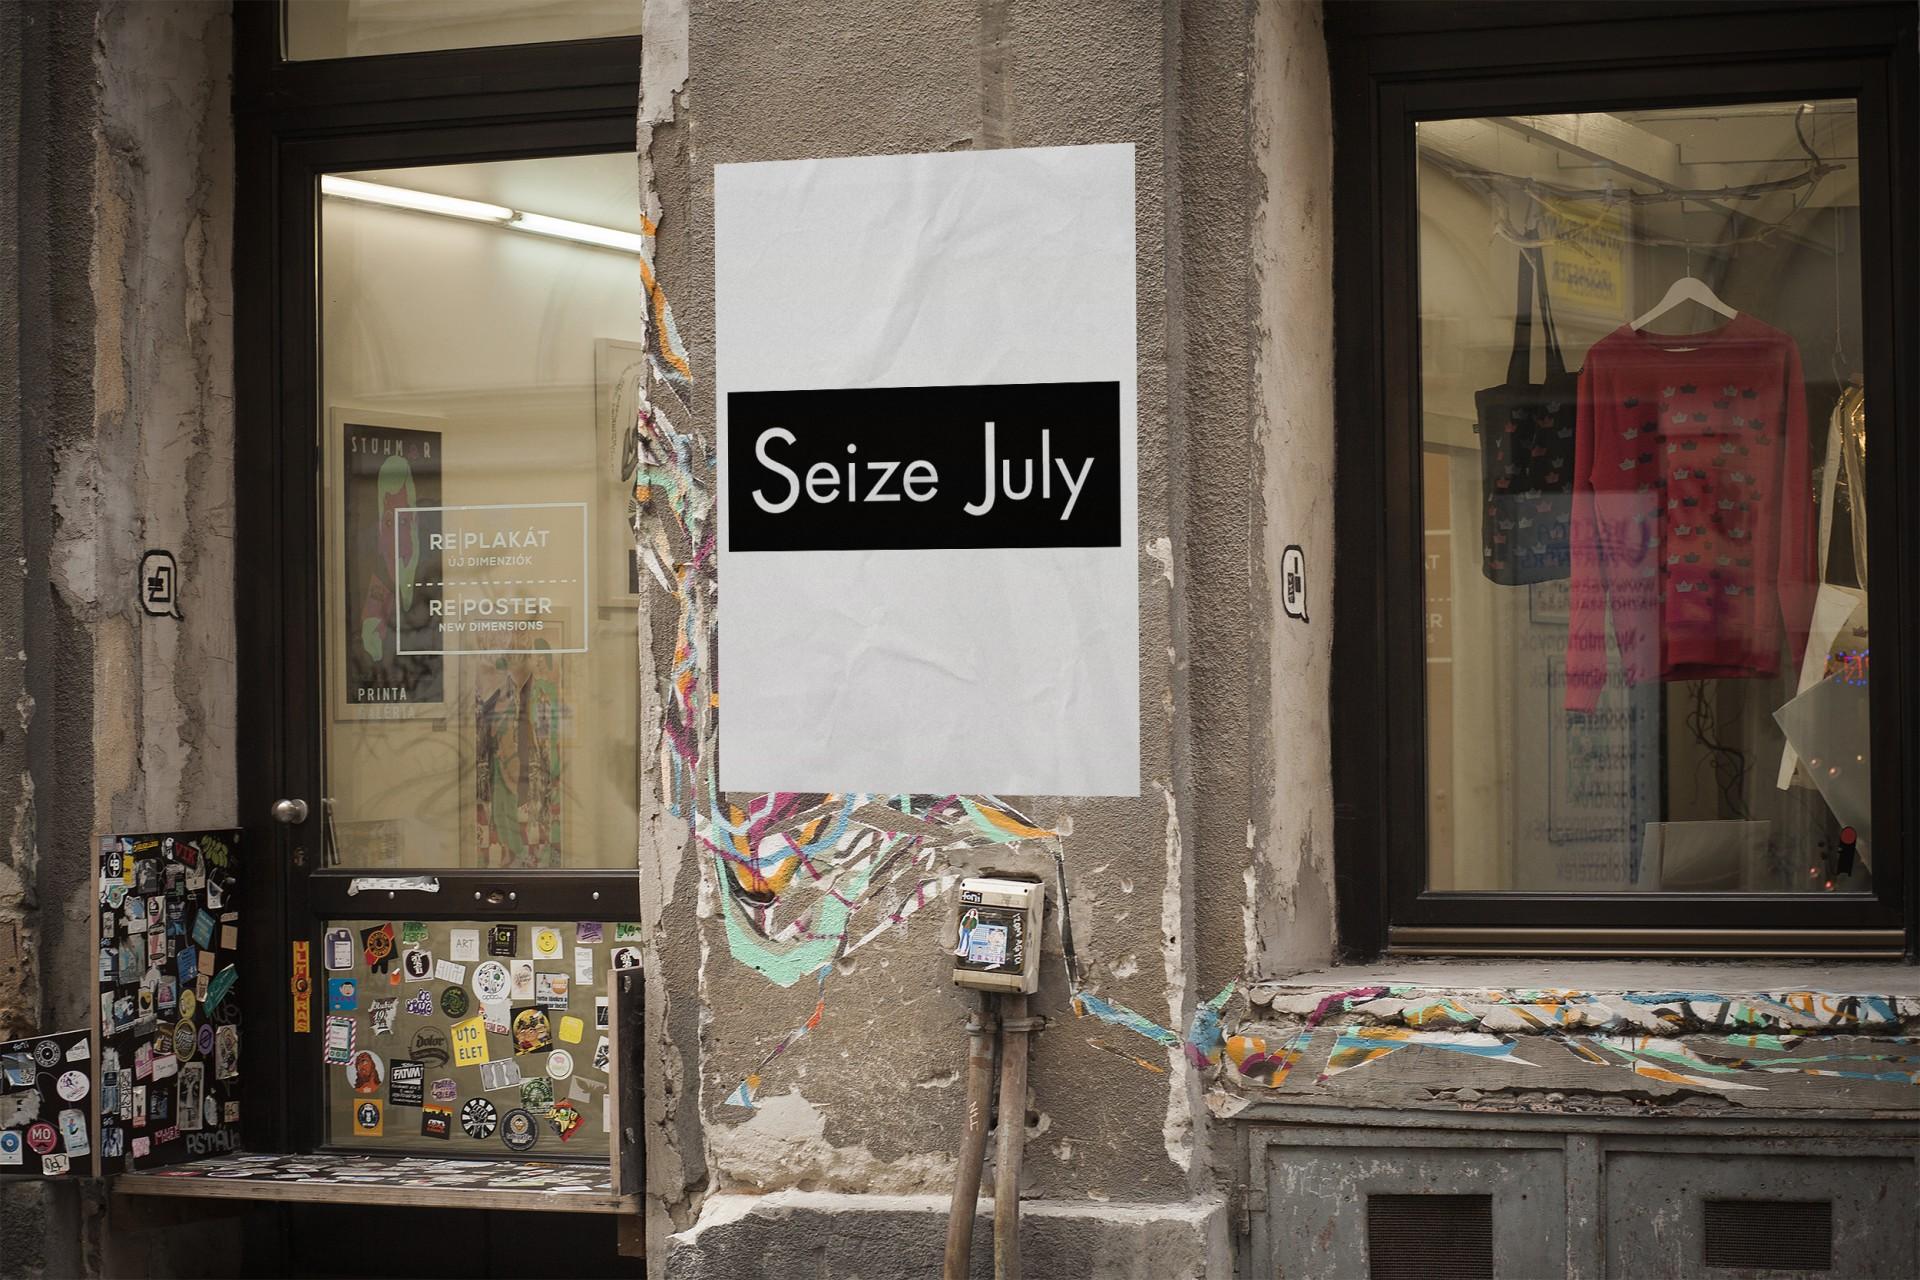 Seize July